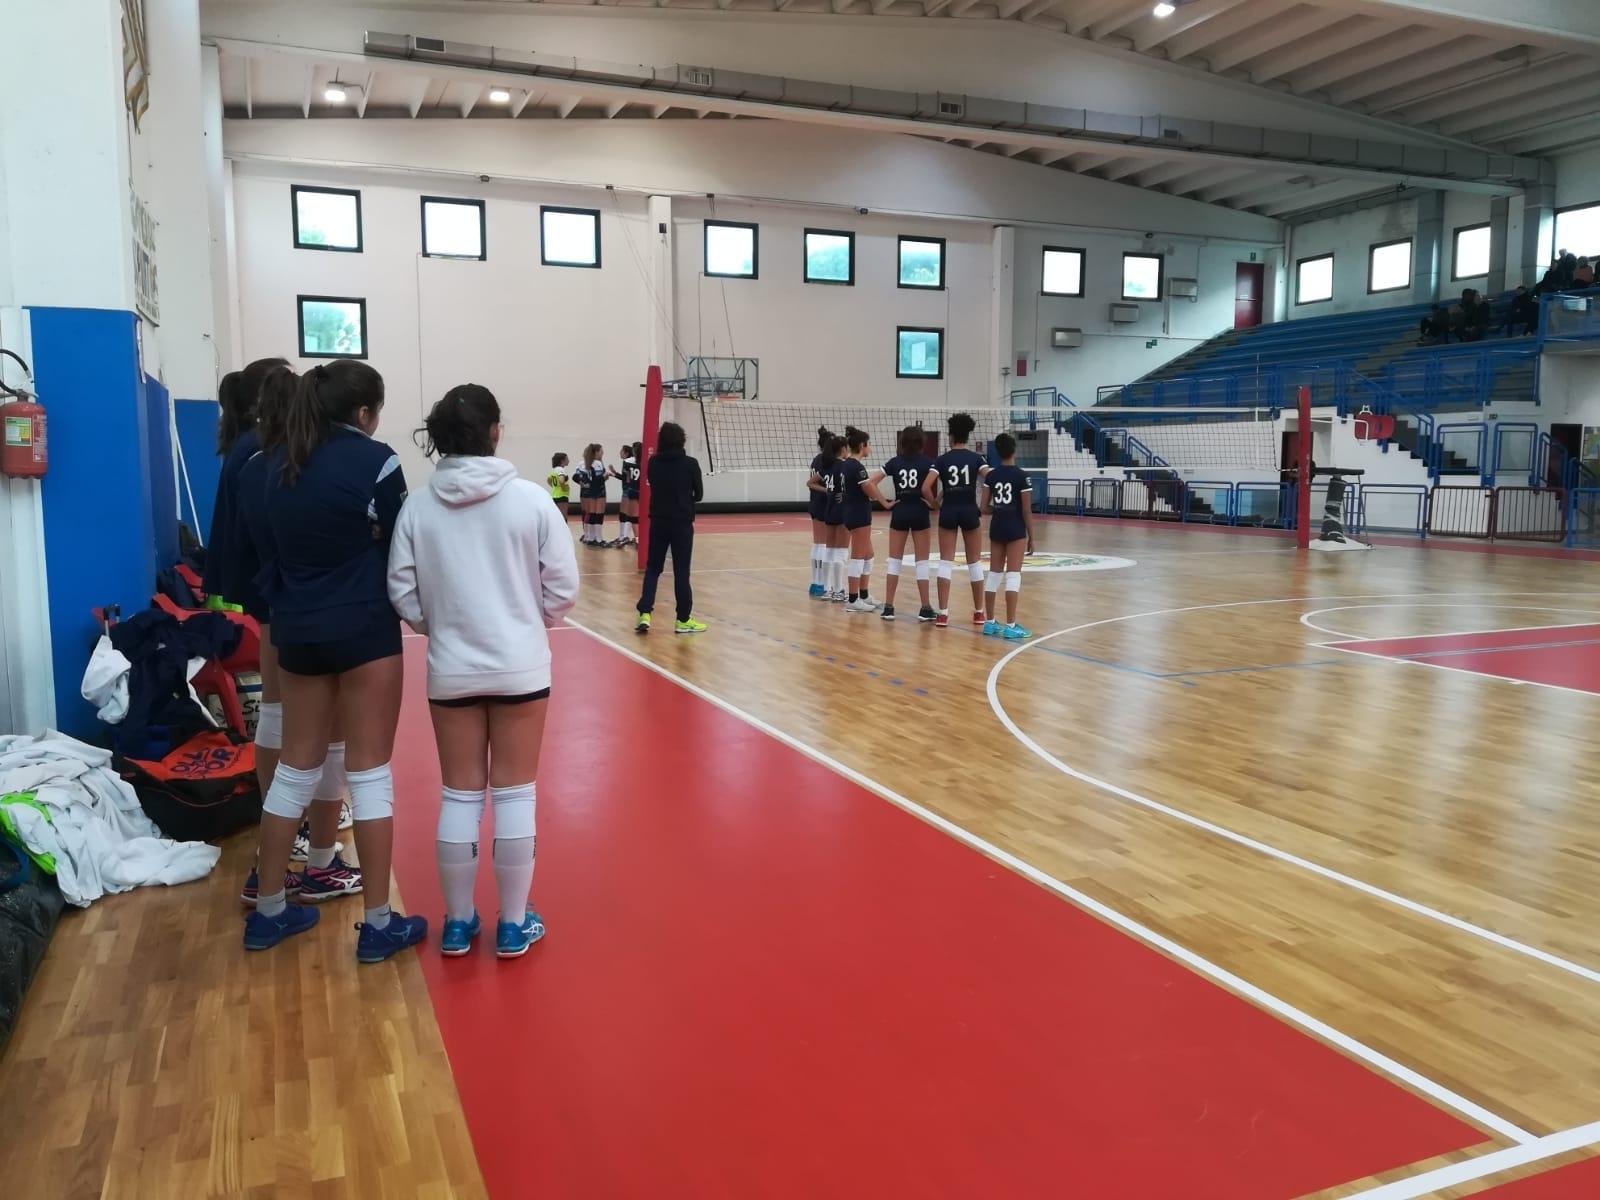 2019-01-05-U14-Alassio-022